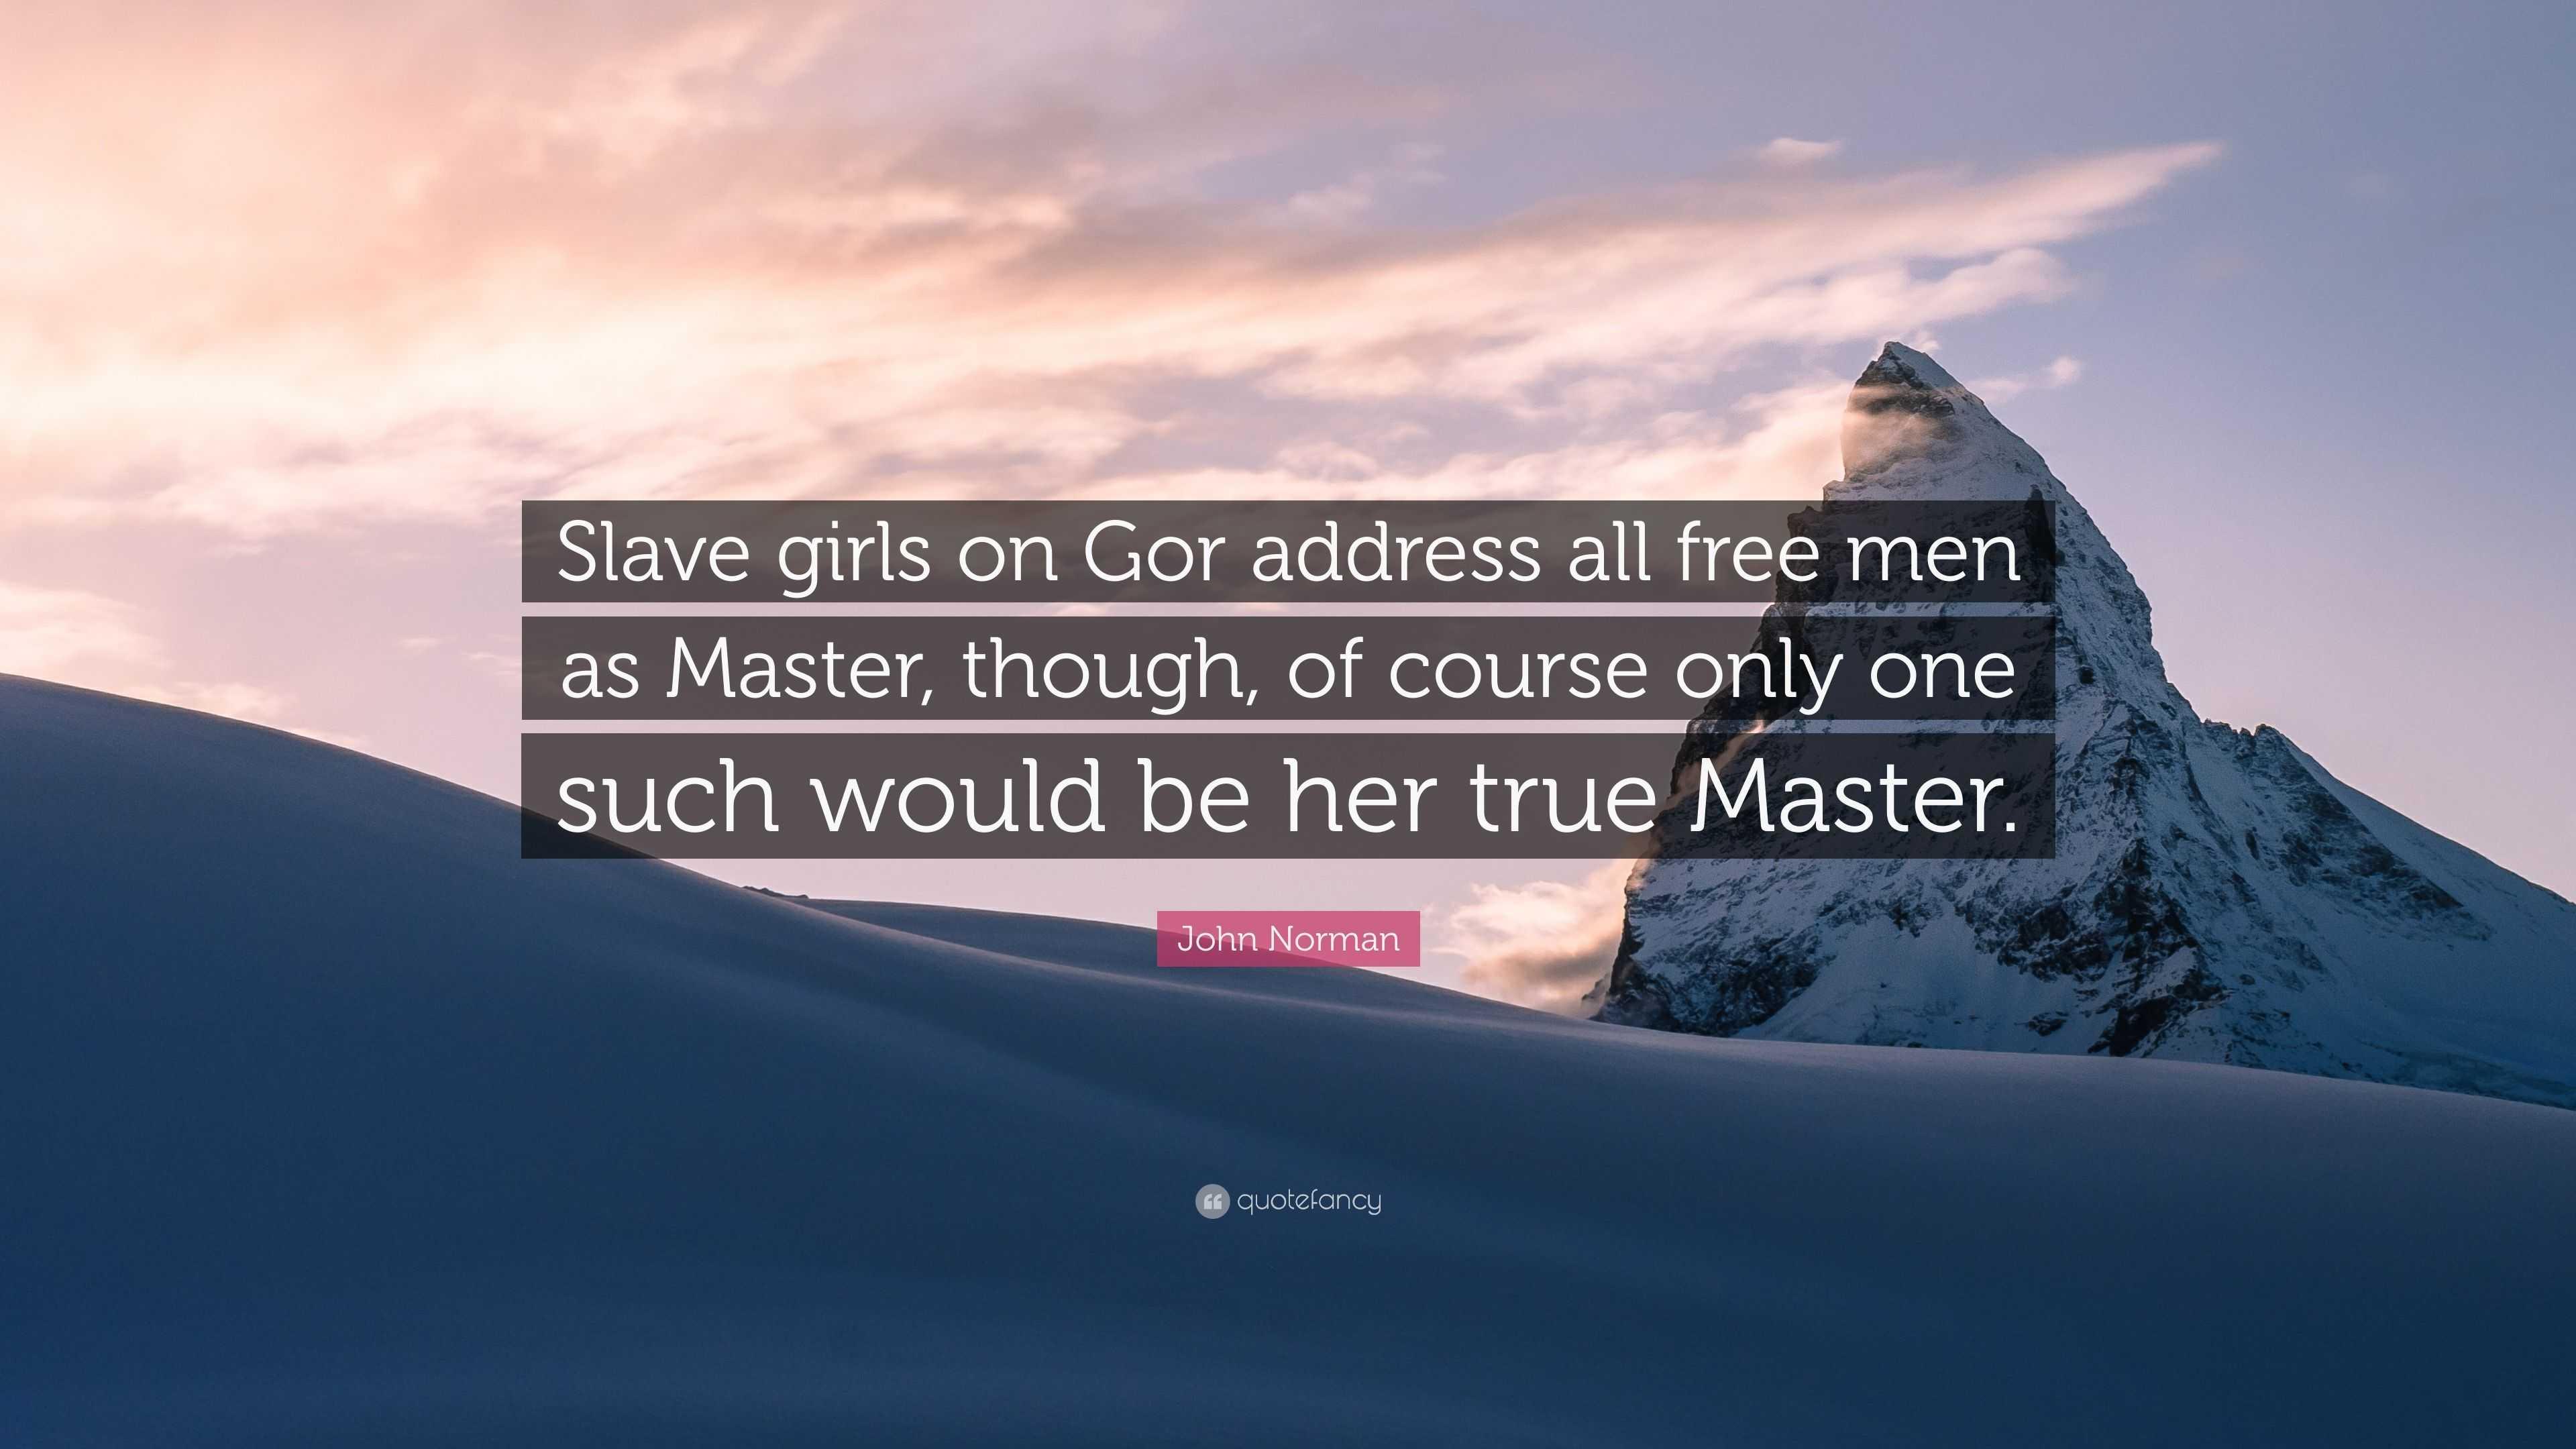 Words... super, Gor slave girls